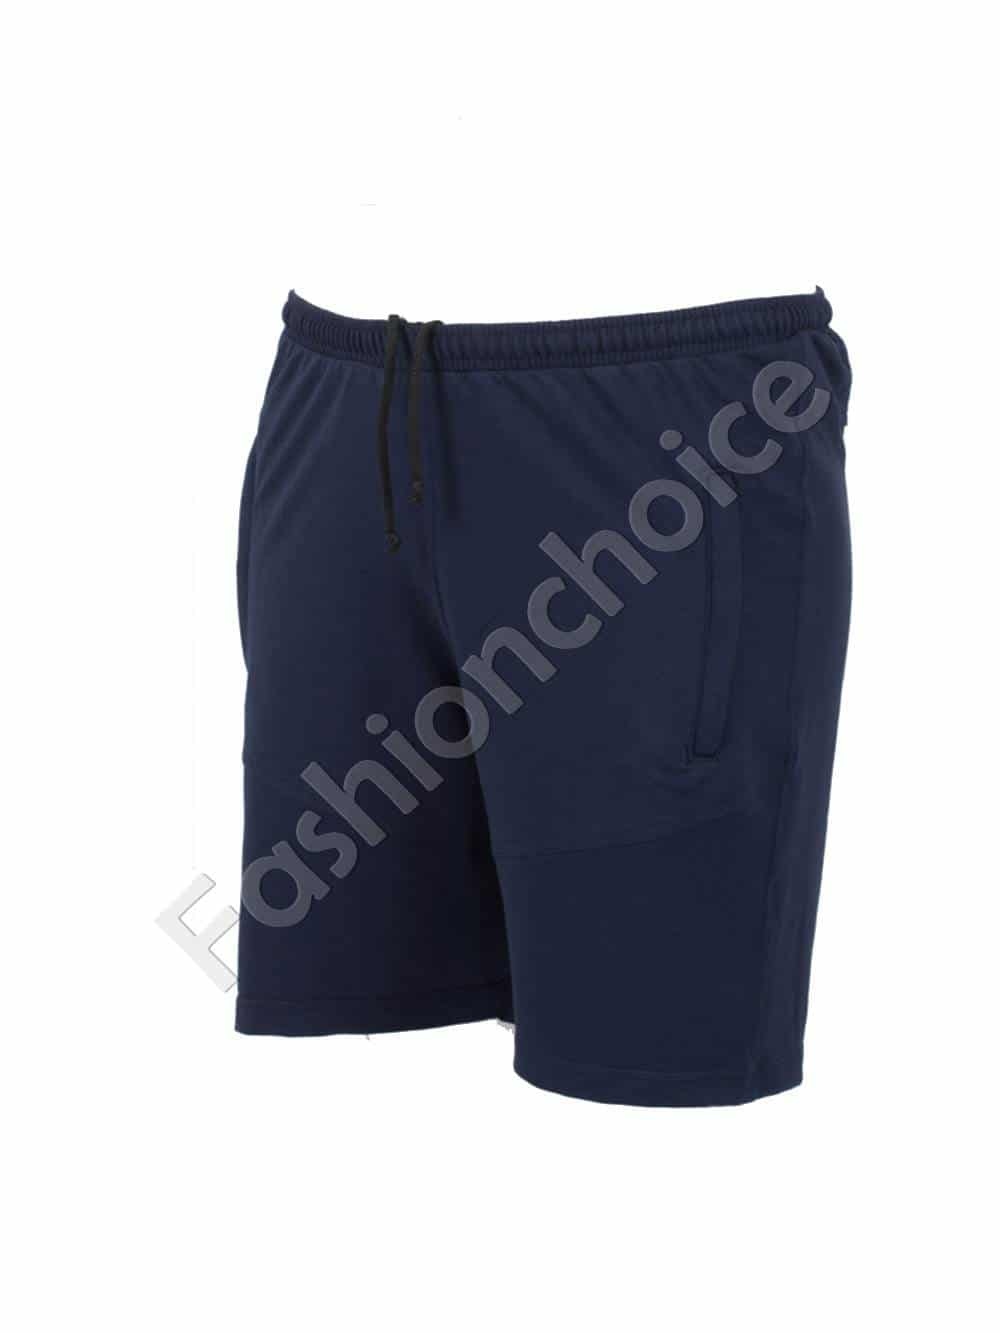 78ad981c18a Къси мъжки макси спортни панталони в тъмно синьо/58-66/Код 001-2